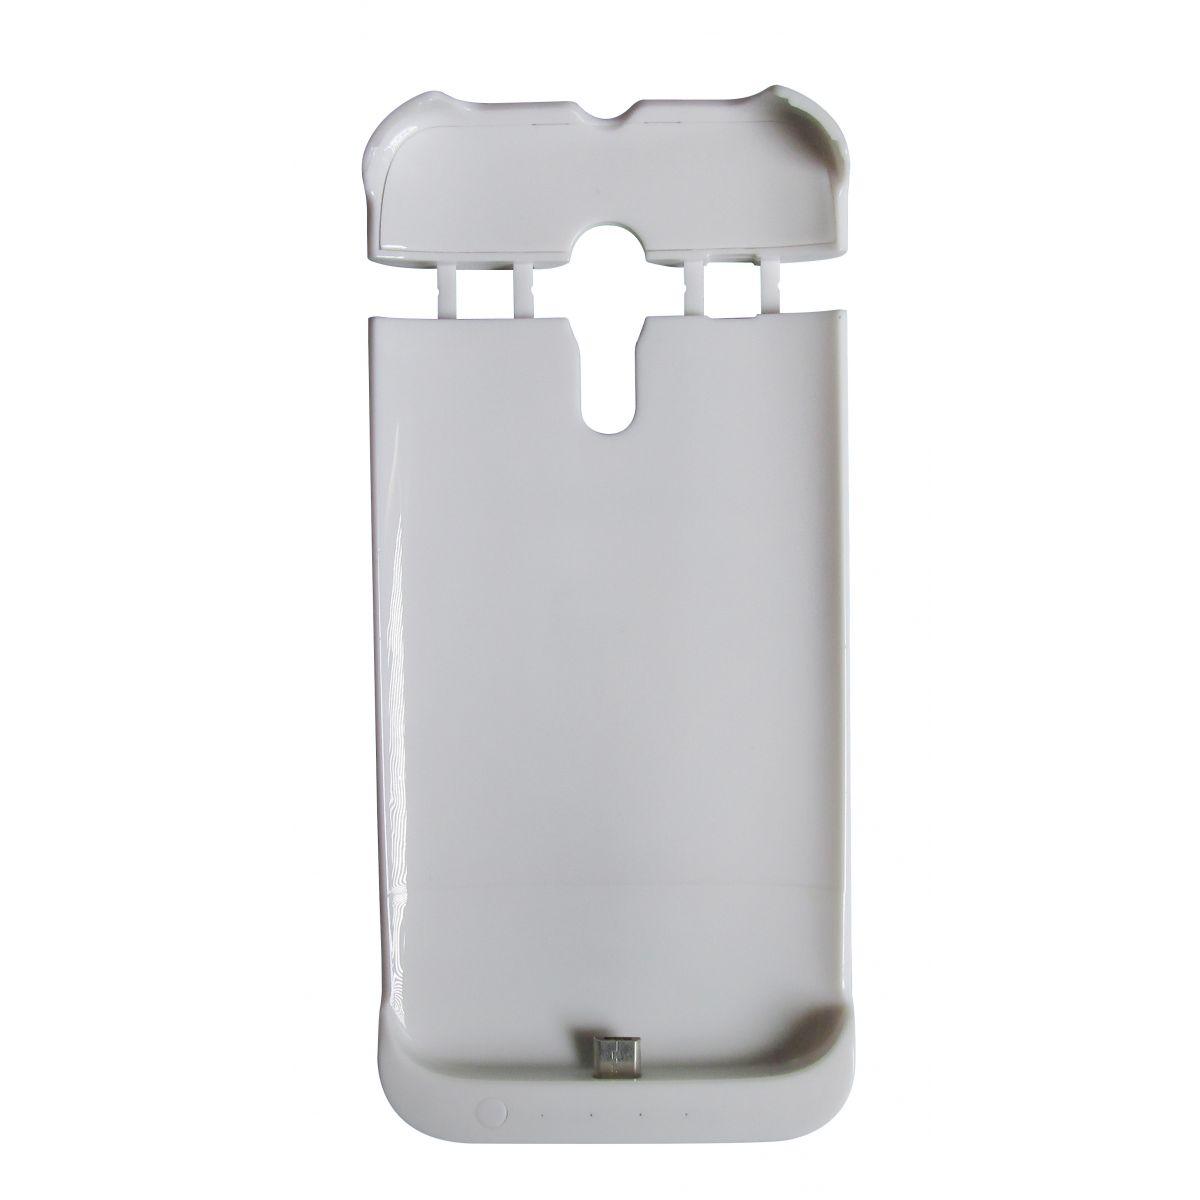 Capa Bateria Motorola Moto G xt1032 xt1033 Branca